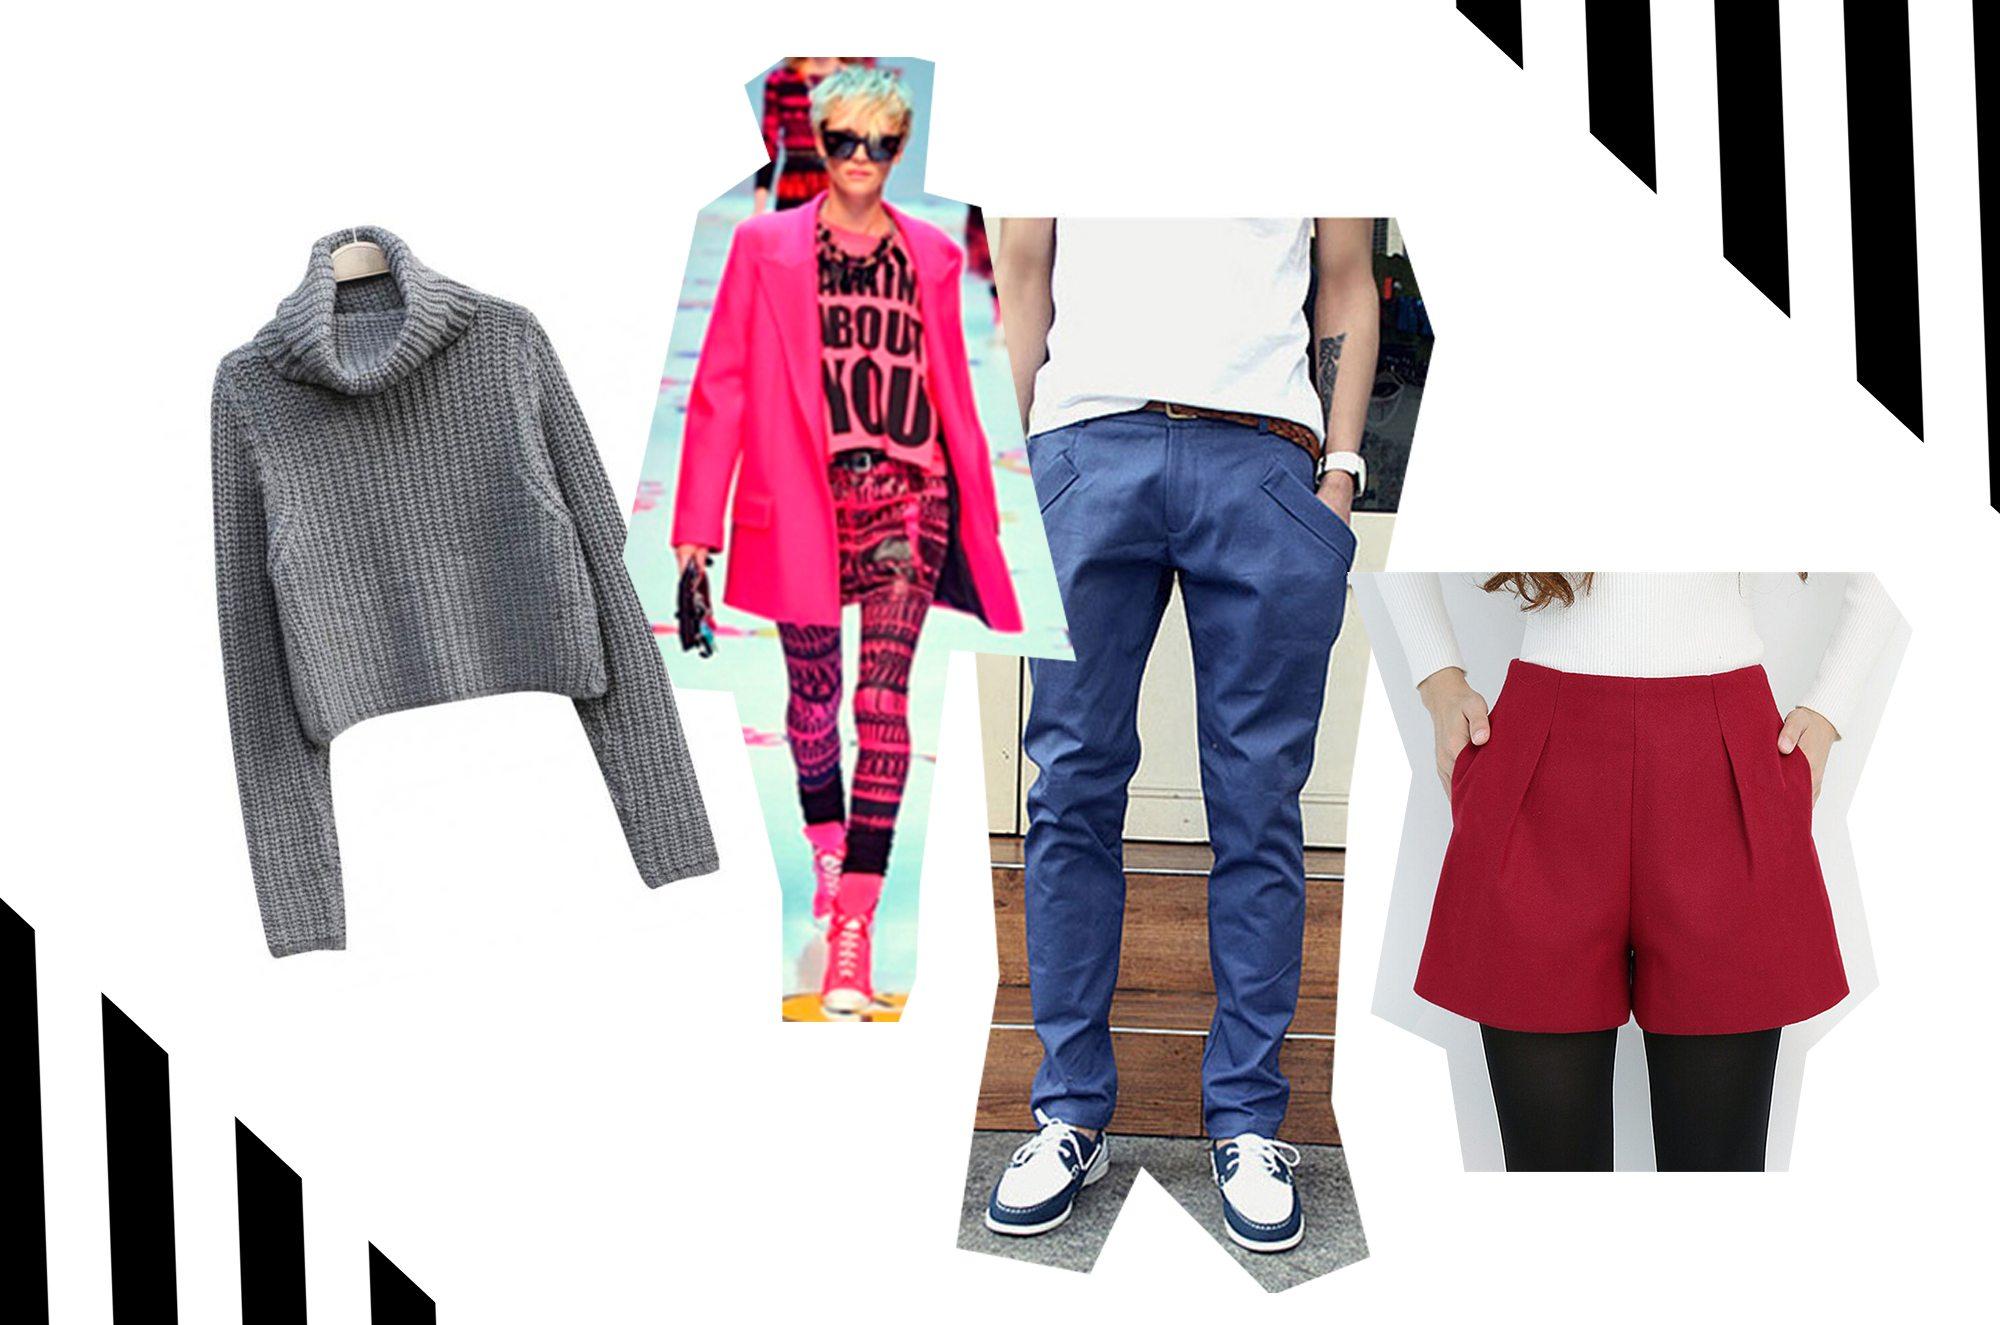 Темы  Маст-хэвы зимы по мнению юных модников